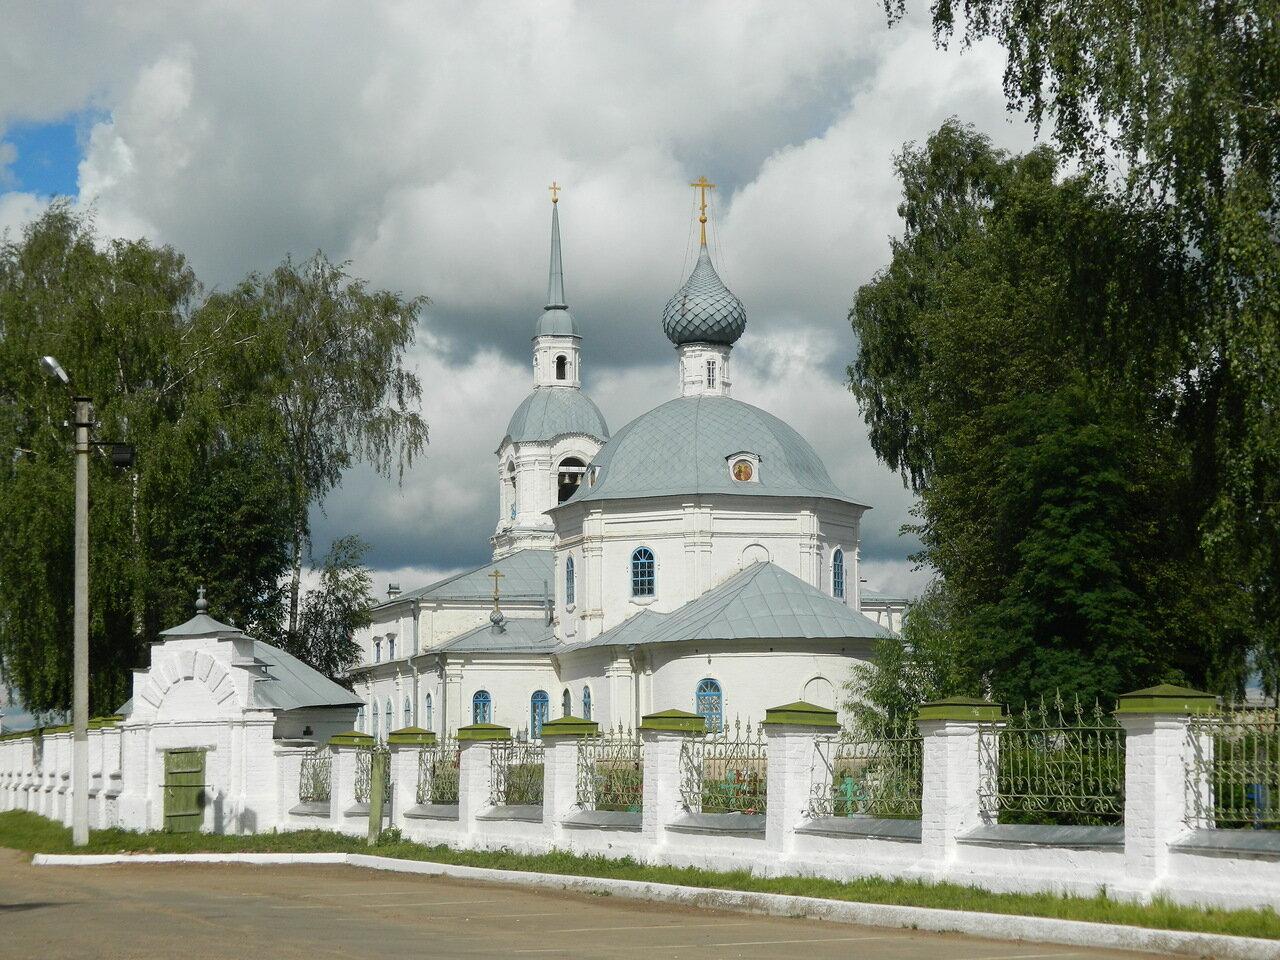 частные фото из луганска